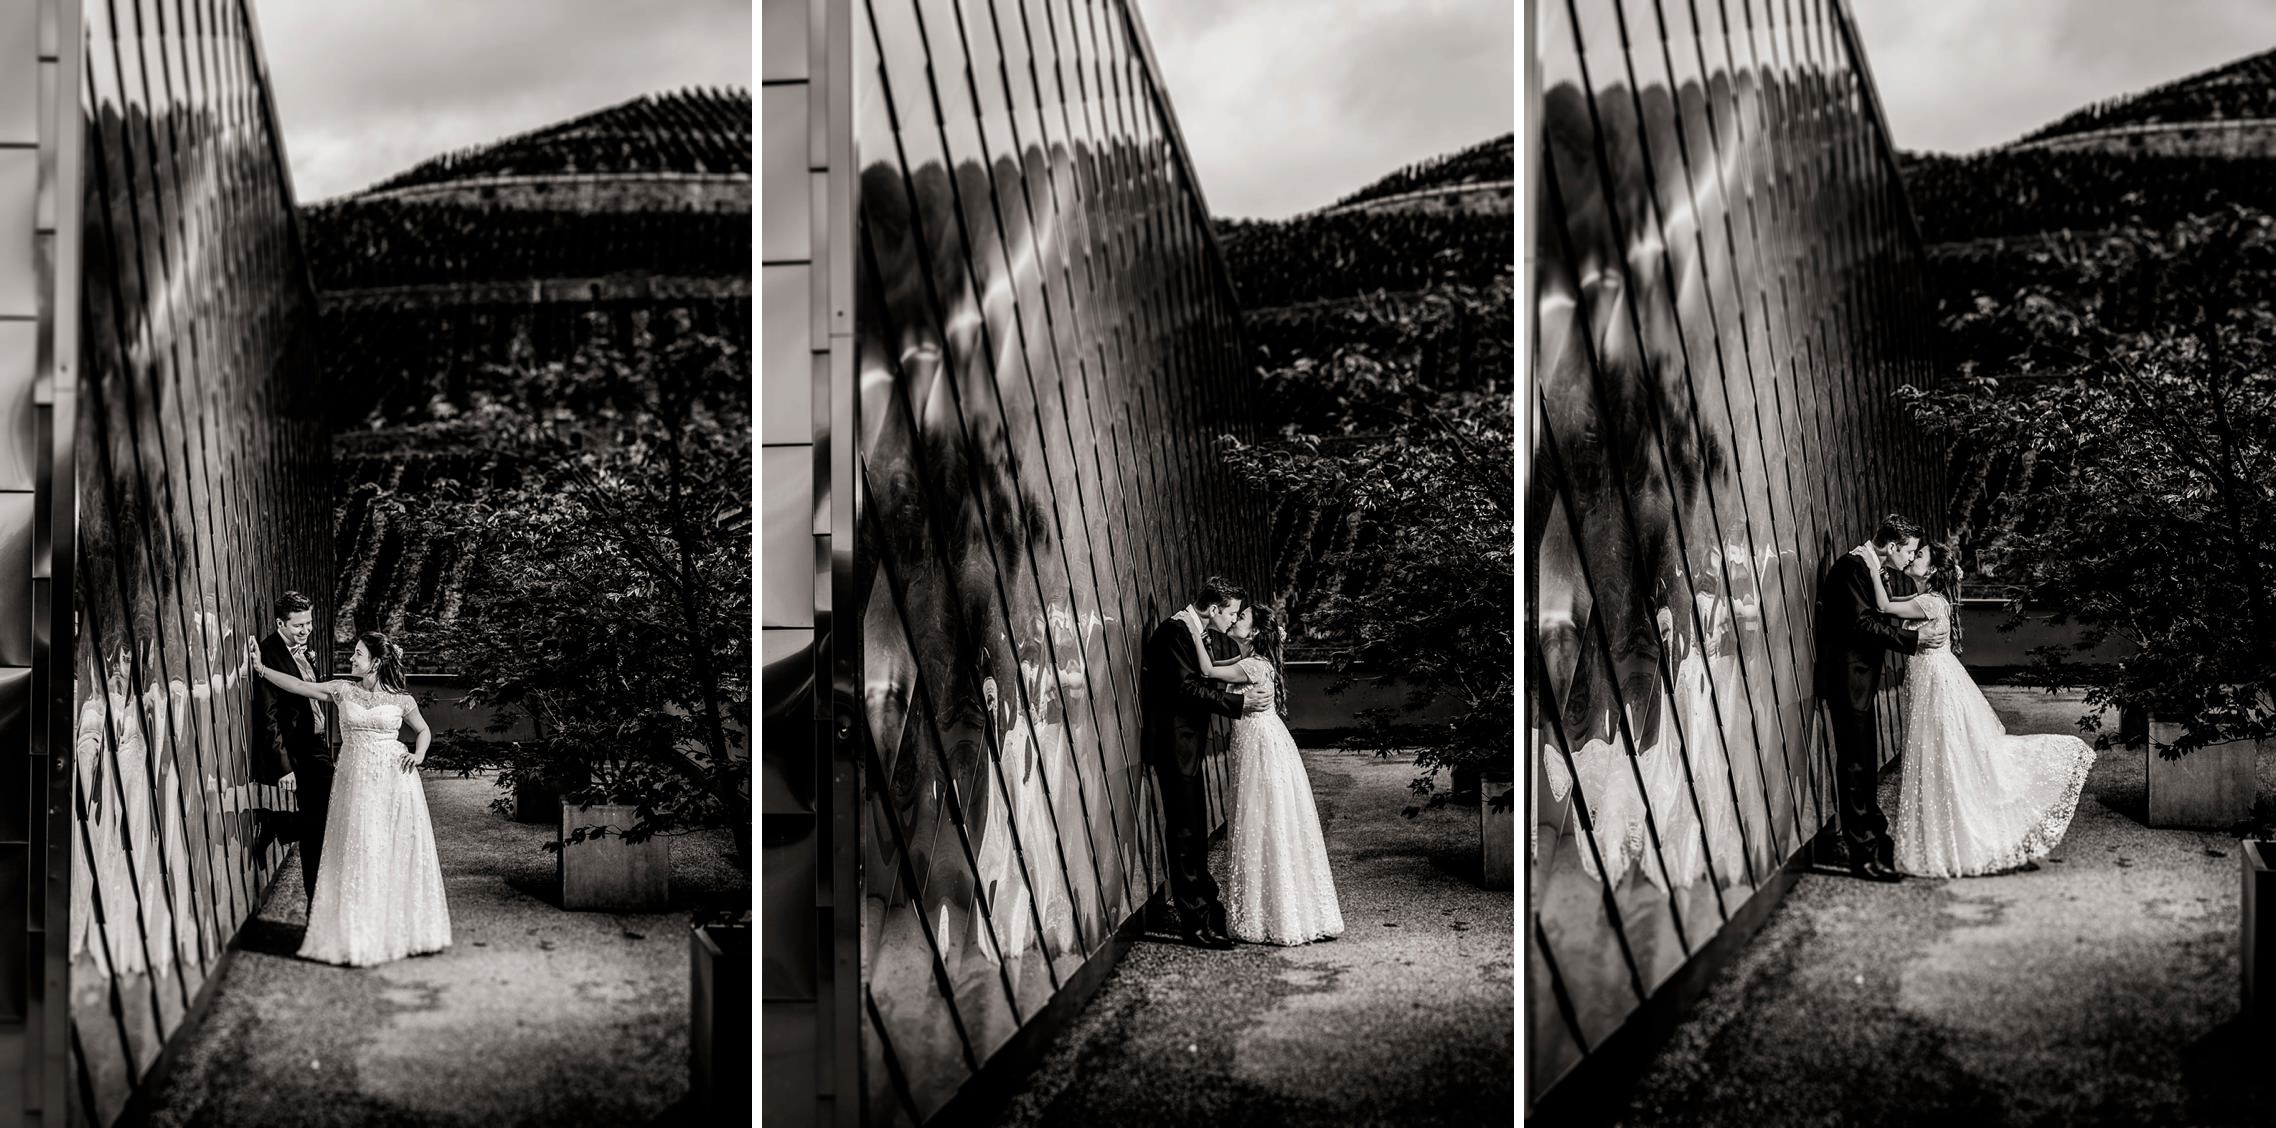 Romantische SW-Bildfolge des Hochzeitspaares, welches sich an eine Wand aus Kupfer lehnt.